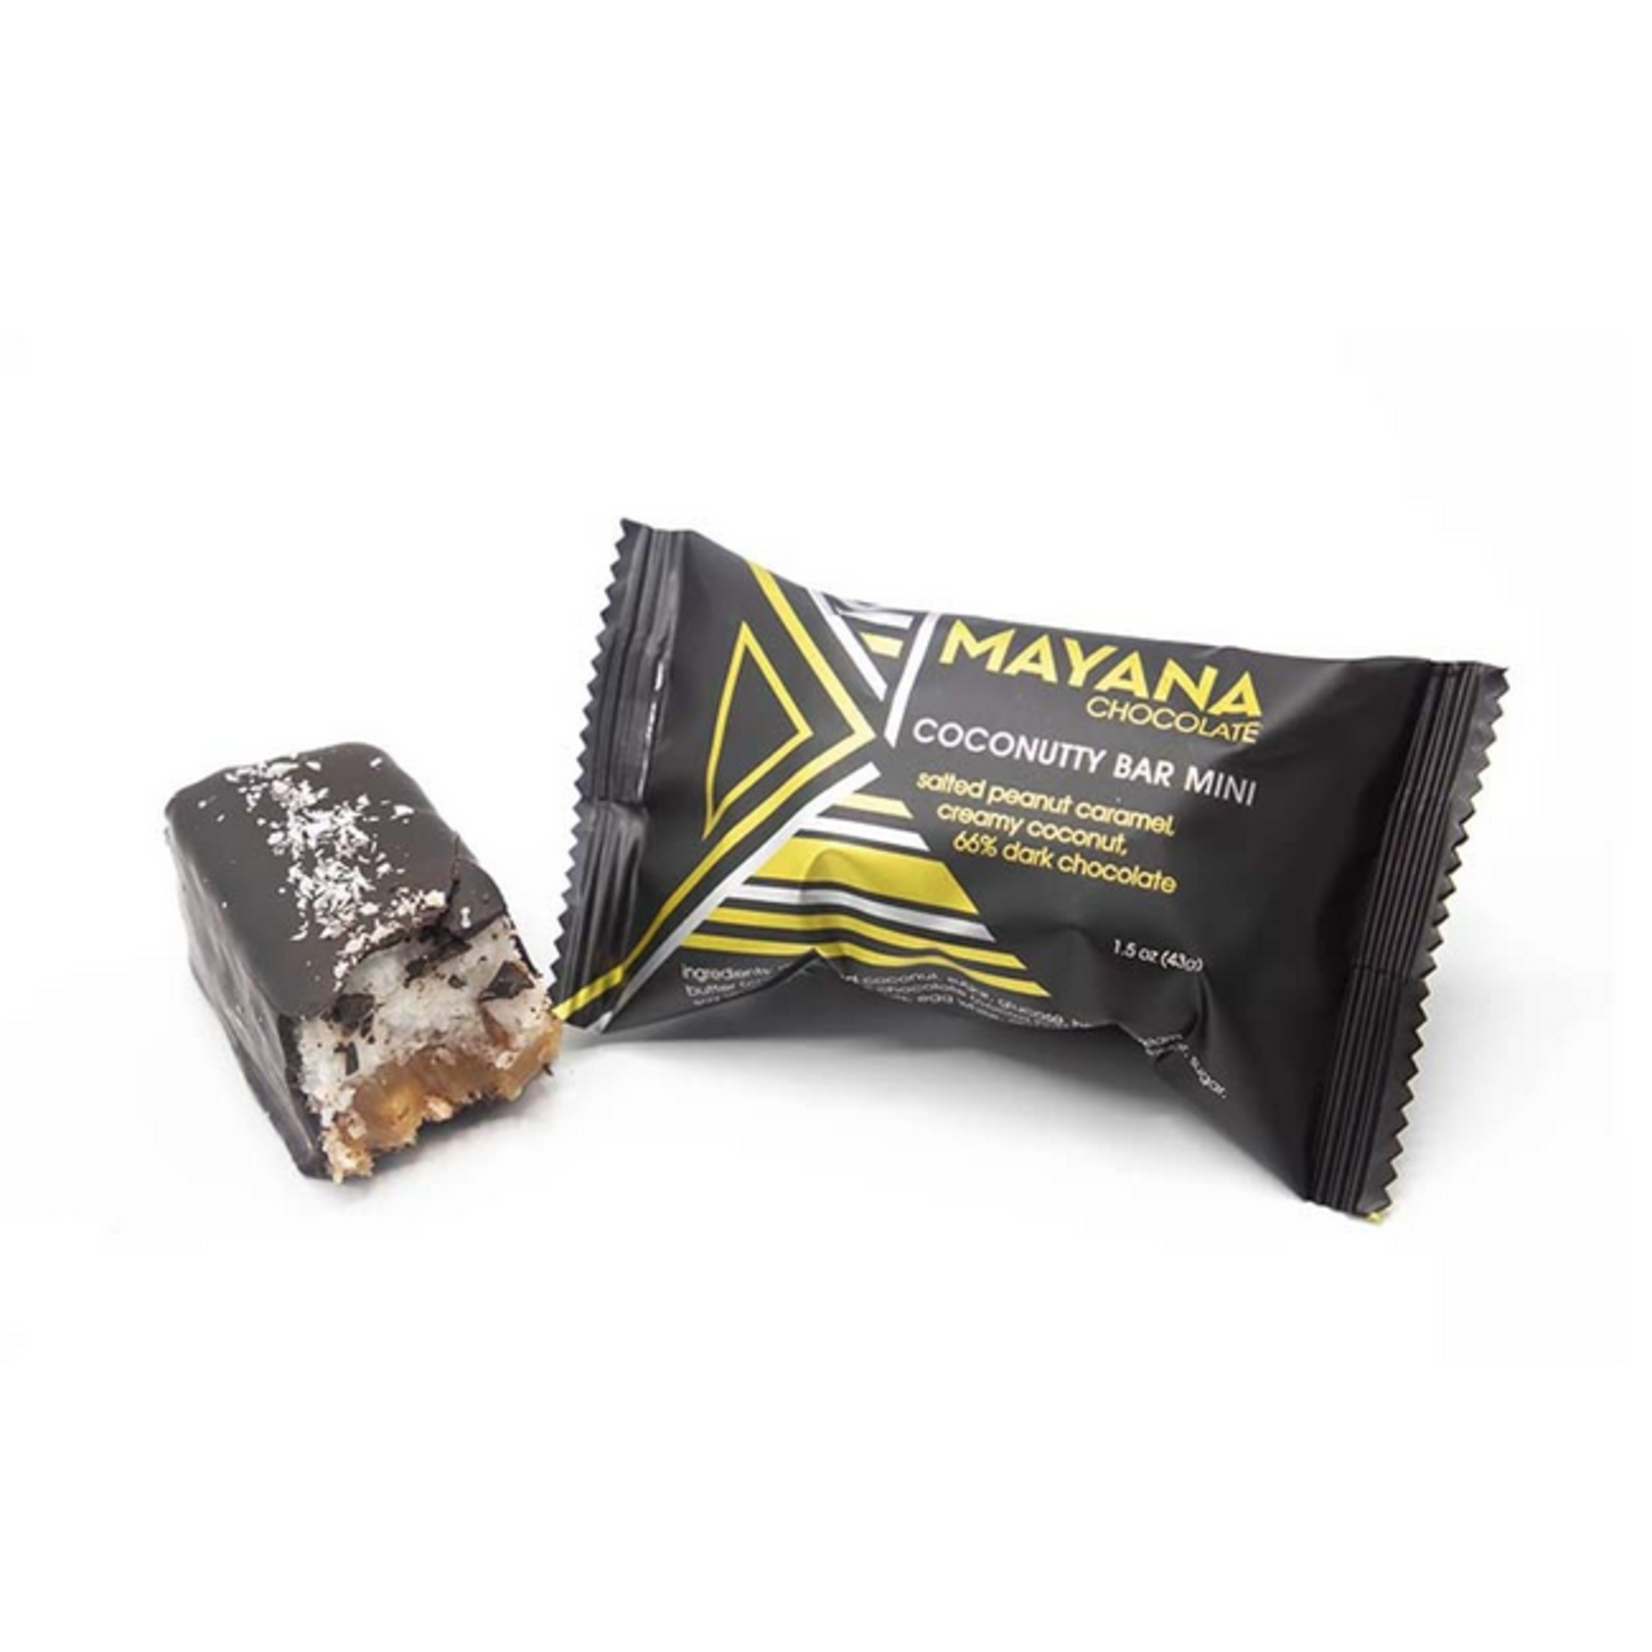 Mayana Chocolate Mini Chocolate Bars